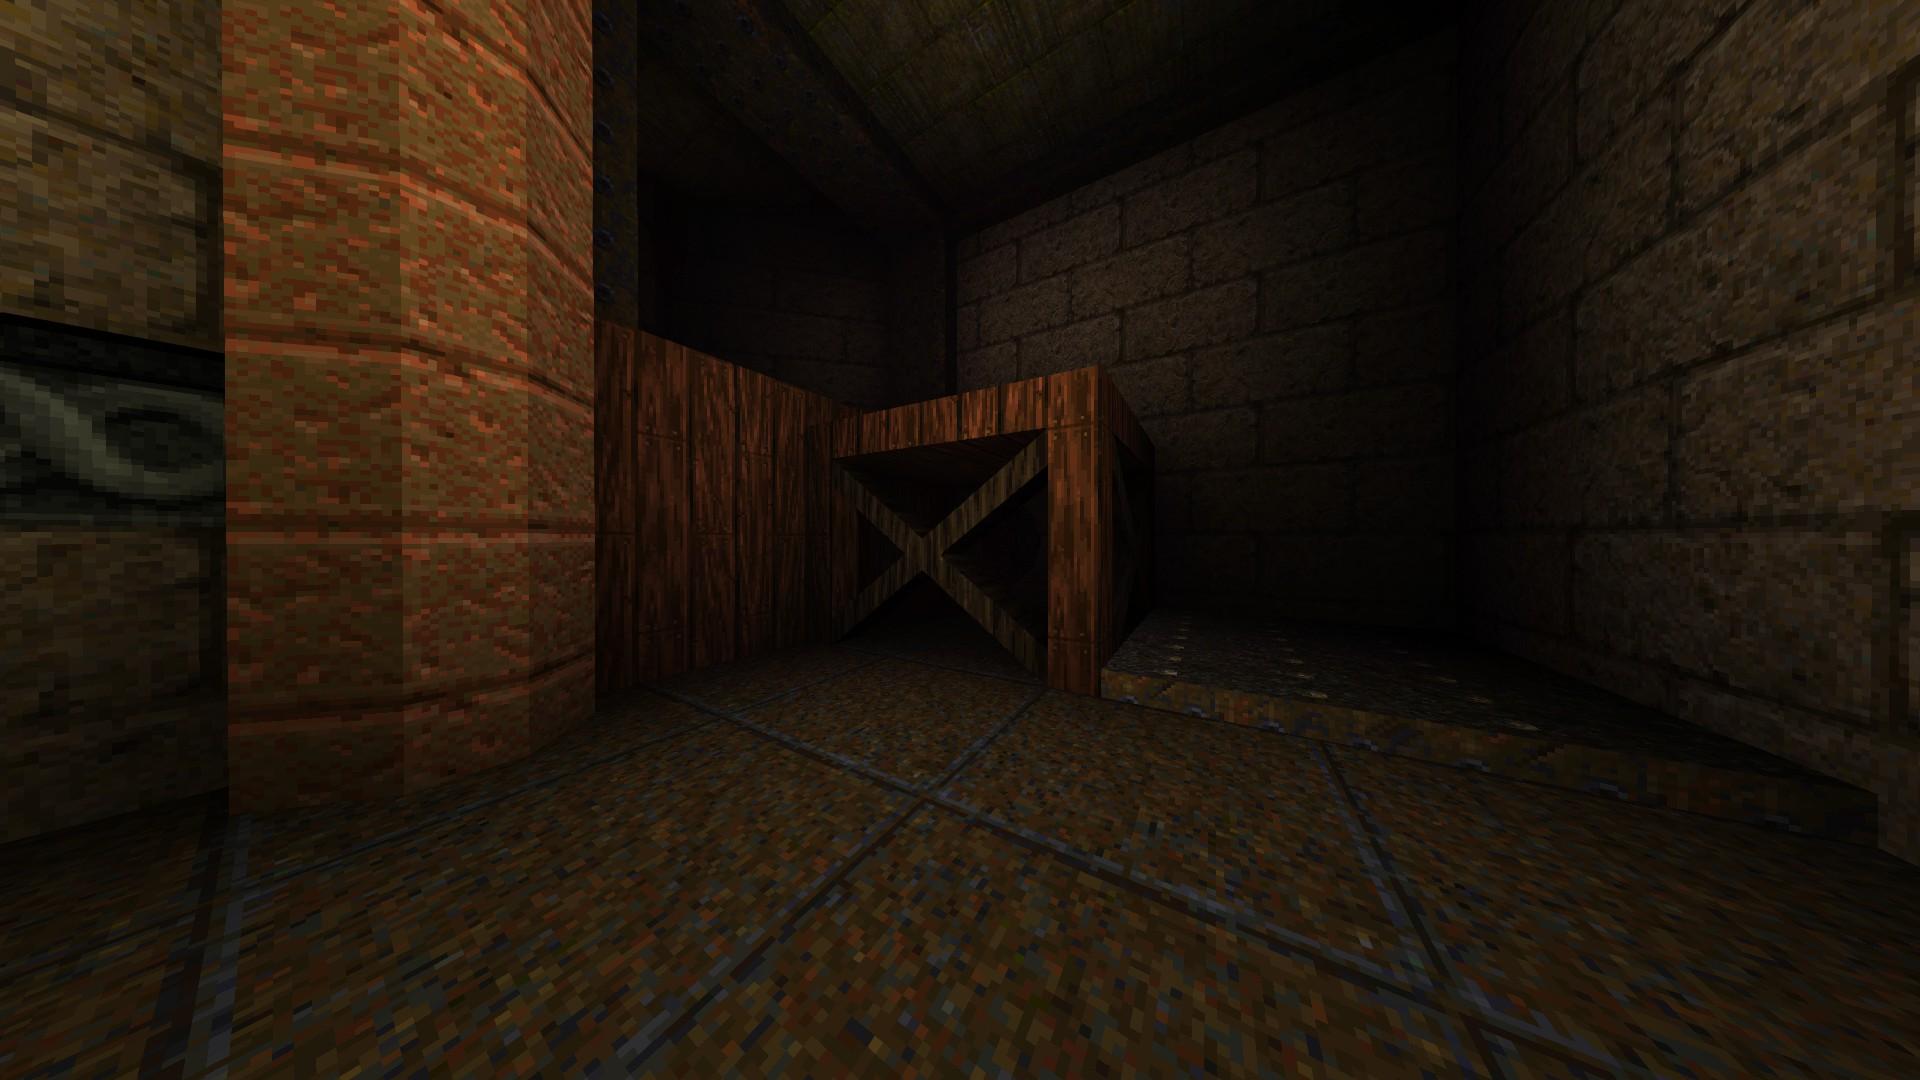 Quake - Locations of All Secrets in Game Tips - E2: Dominion of Darkness - Part I - 8E4F717